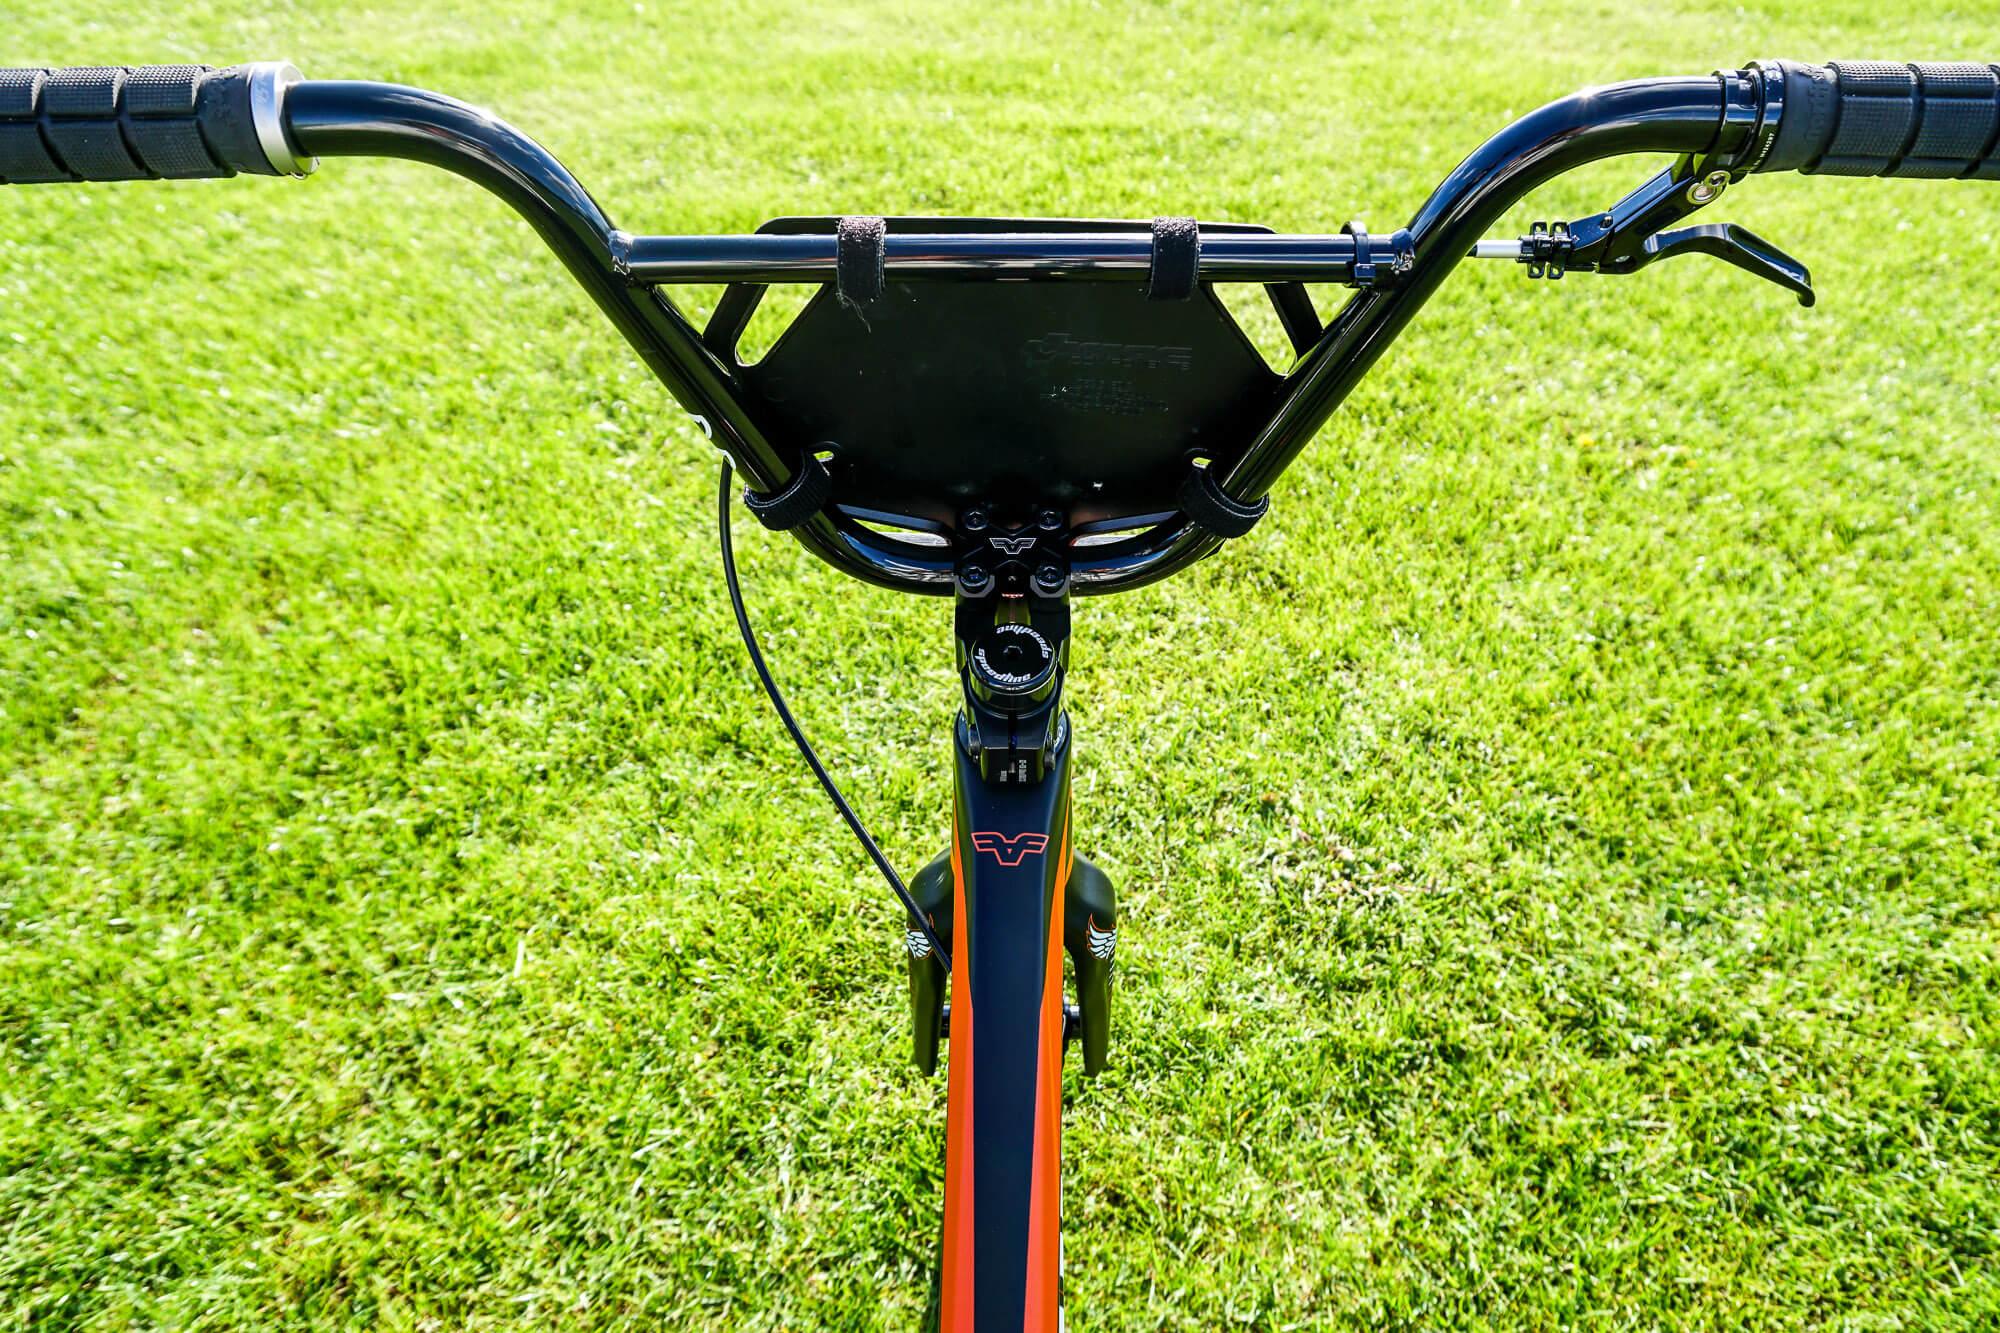 Andy Hughes 2018 Formula Bike Check